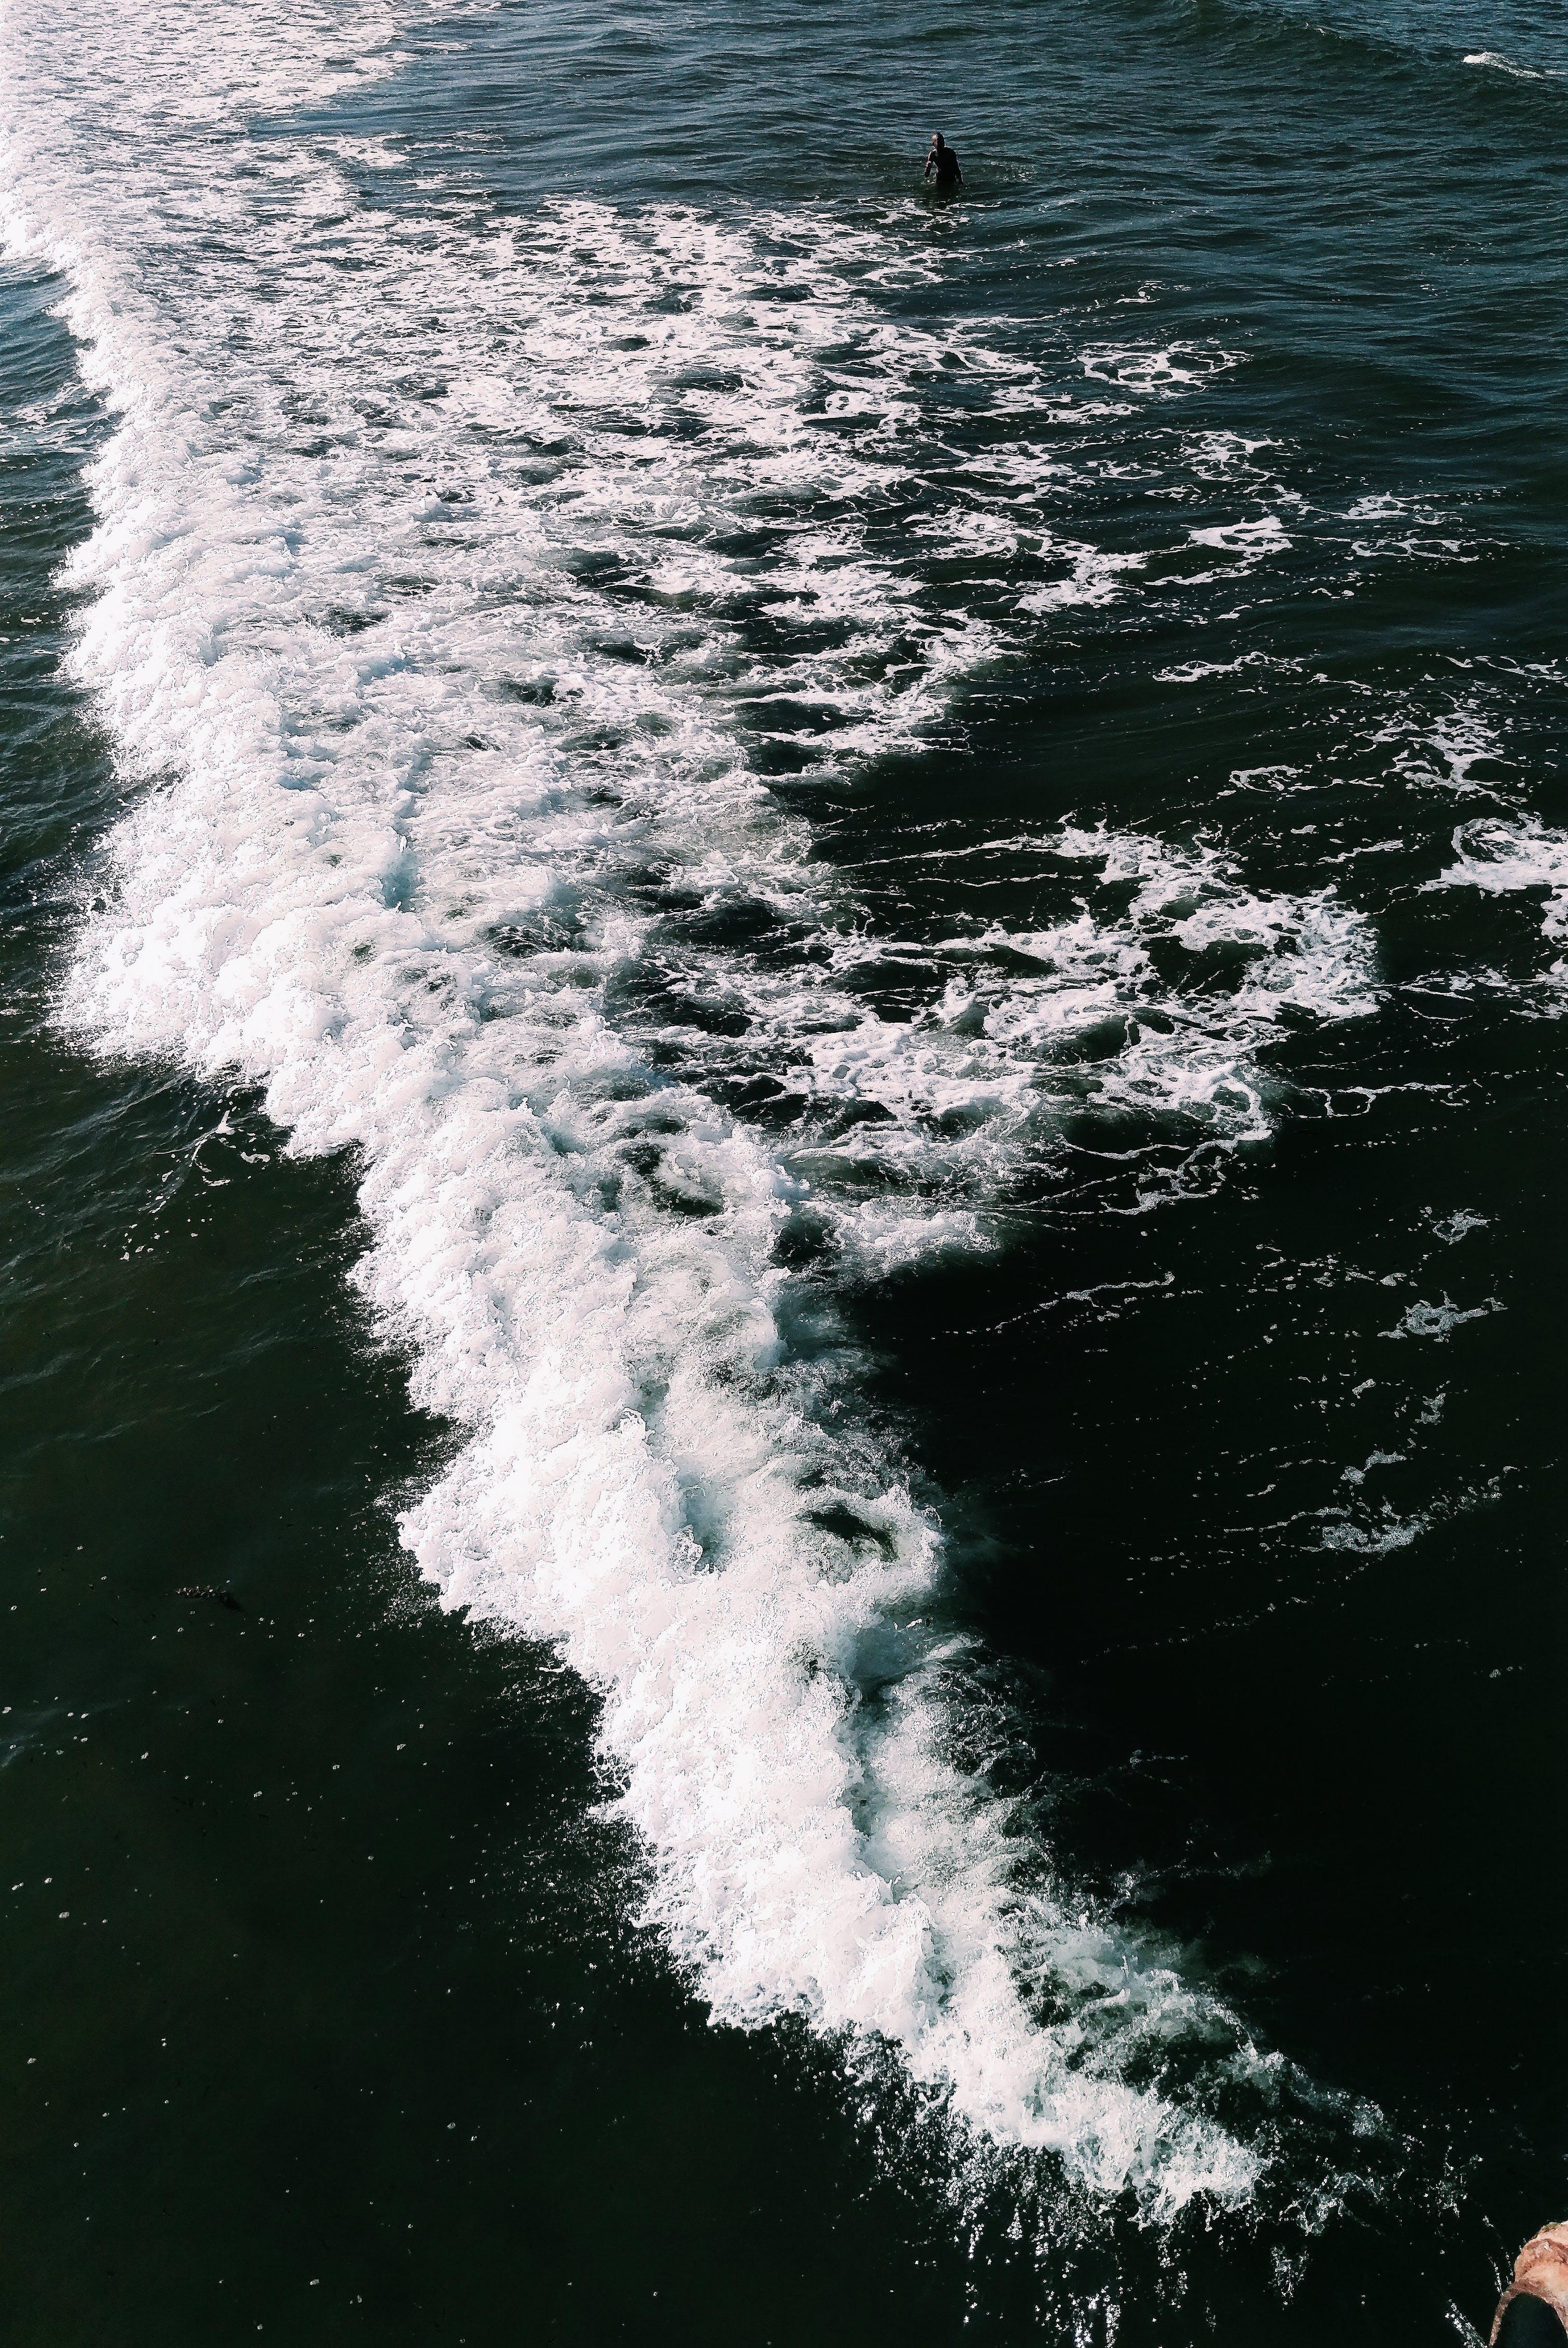 açık hava, dalga, dalgalar, deniz içeren Ücretsiz stok fotoğraf